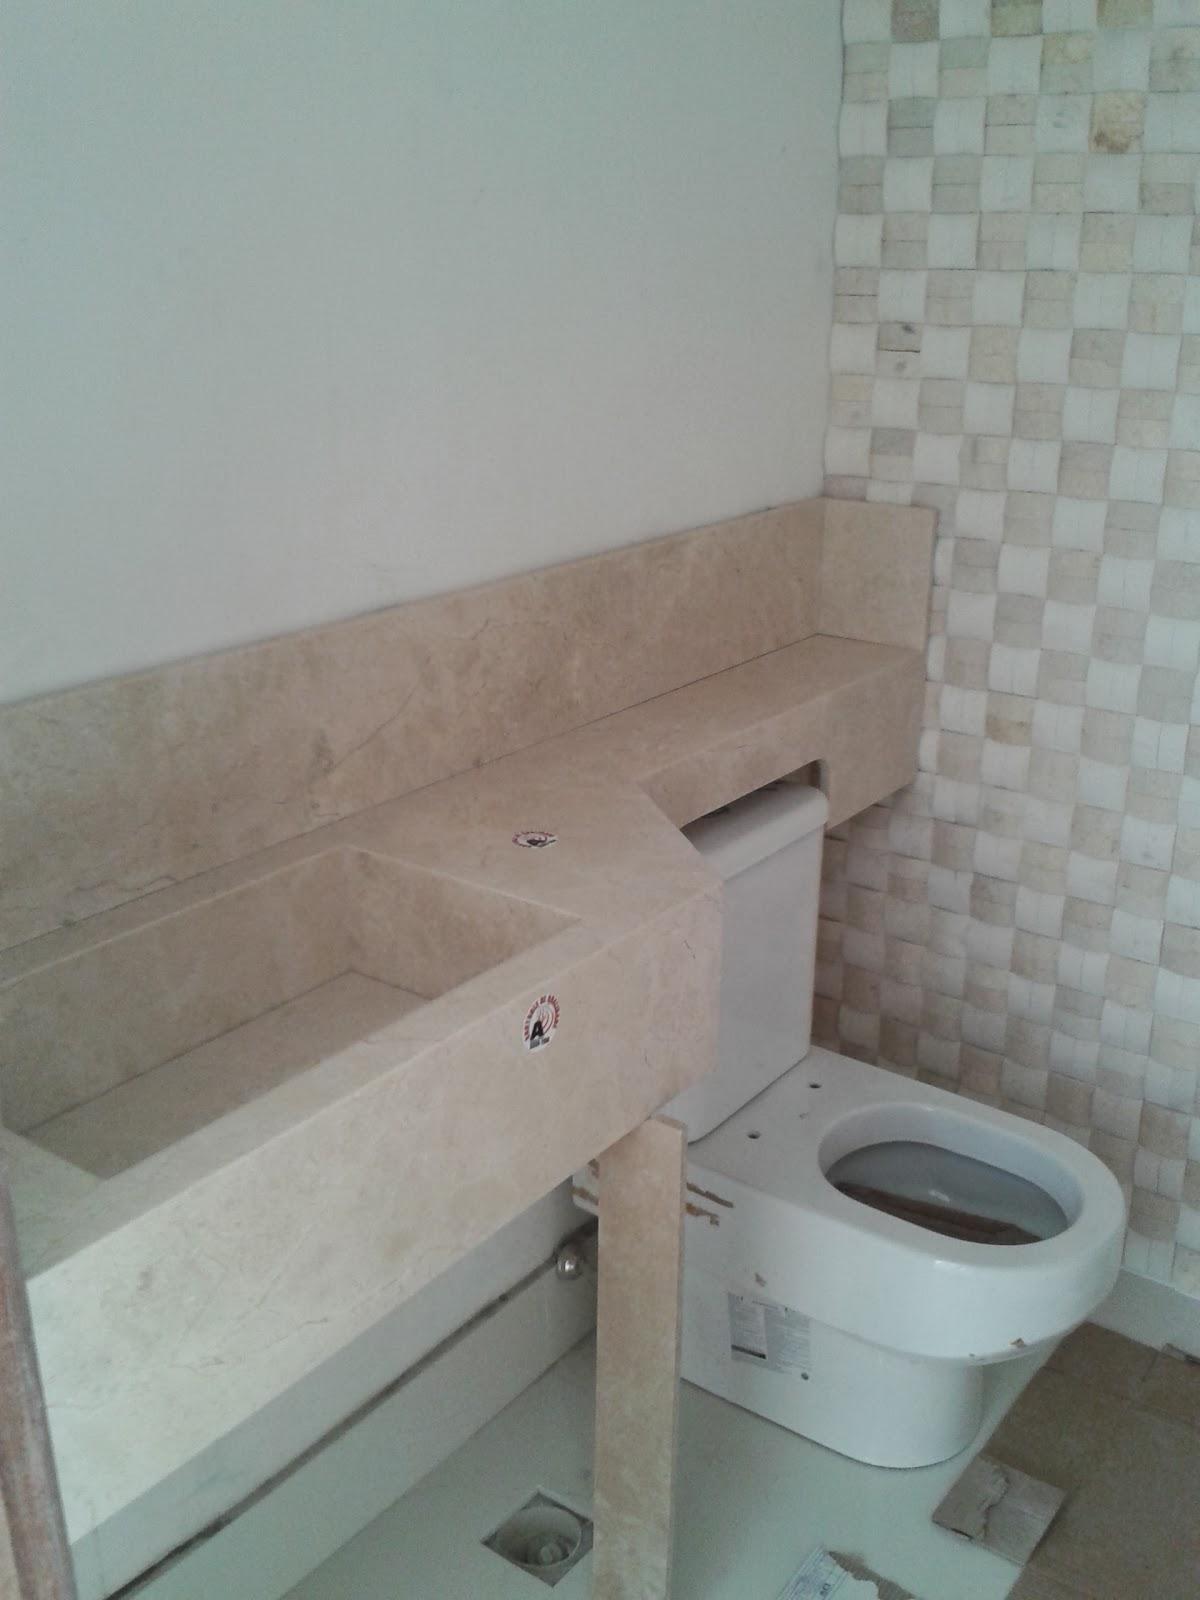 Nossa Tão sonhada Casinha Revestimento dos Banheiros -> Como Instalar Pia De Banheiro Com Coluna Suspensa